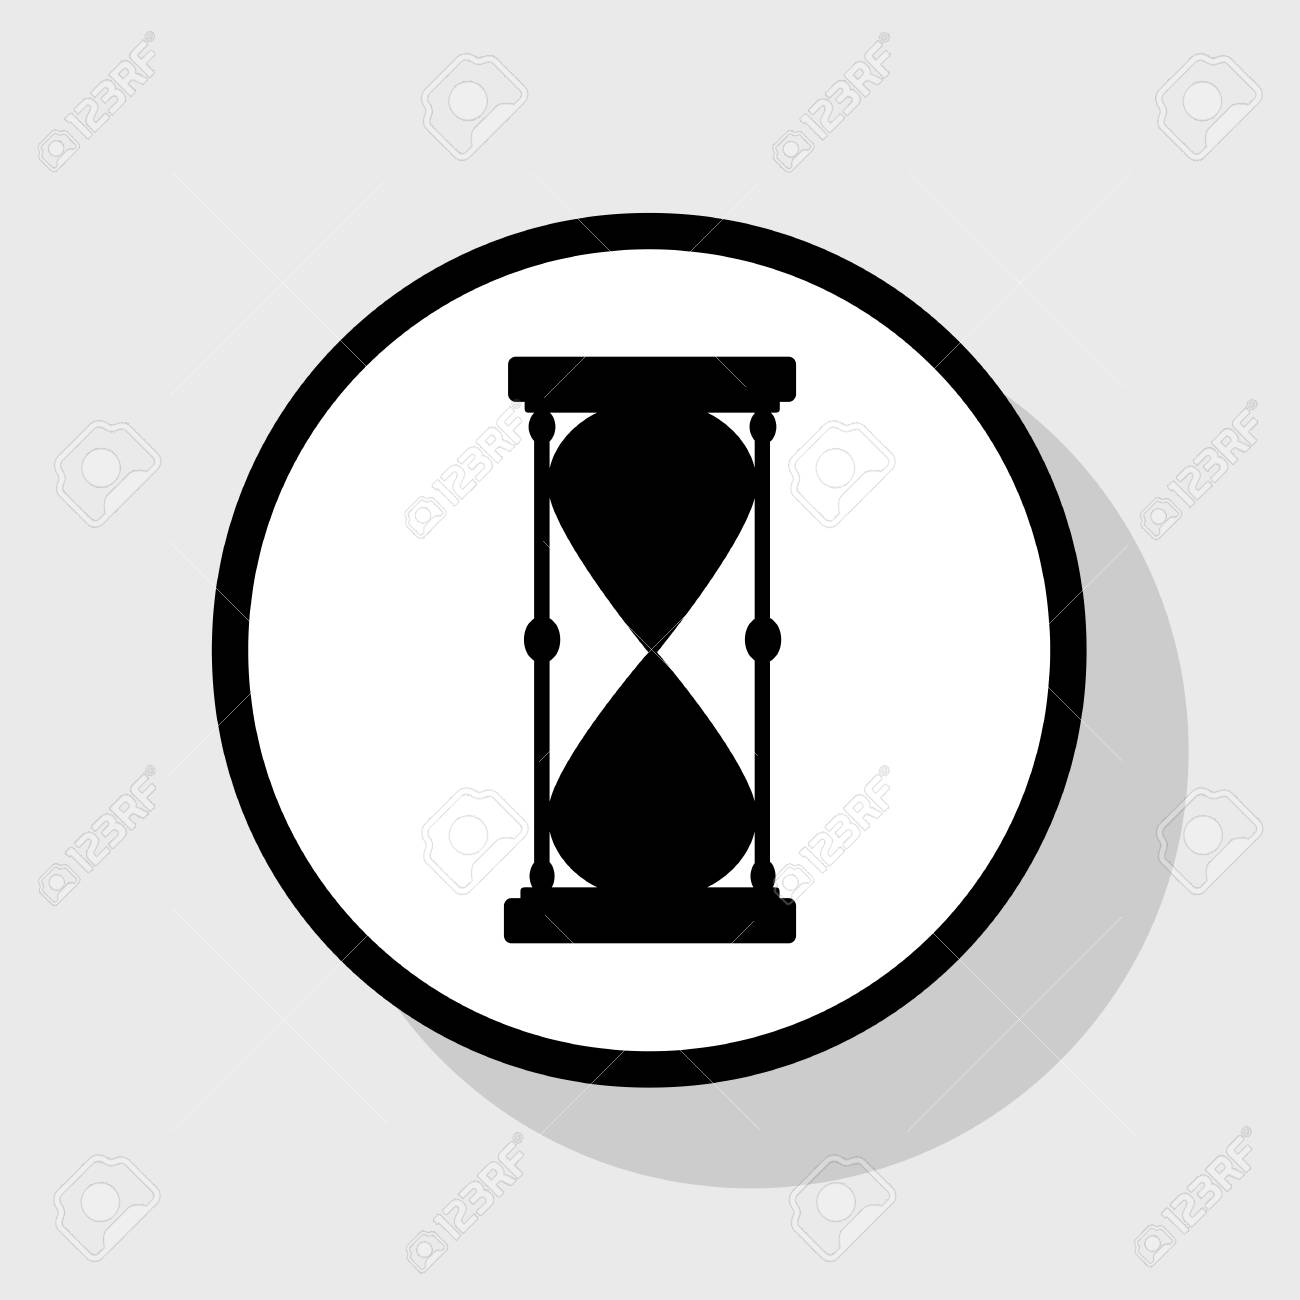 Ilustración De Signo De Reloj De Arena Vector Icono Negro Plano En